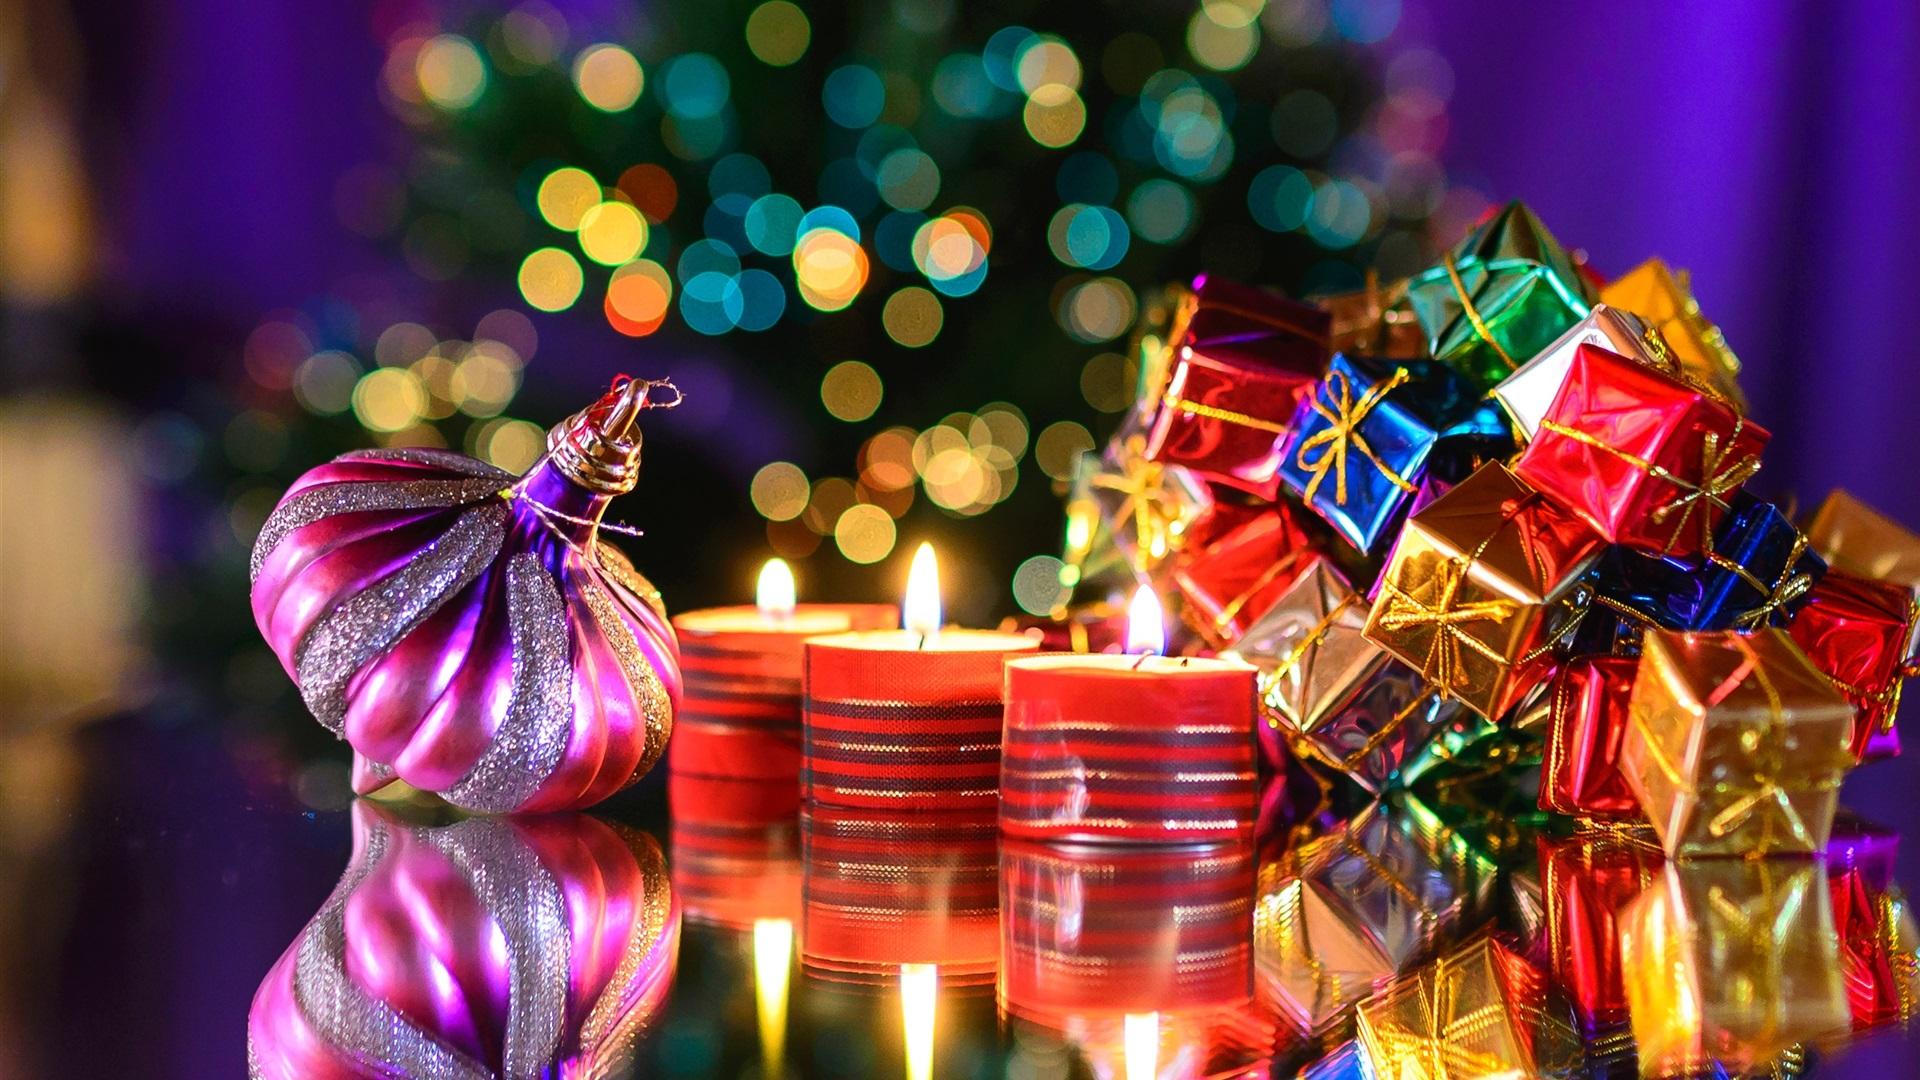 Обои на рабочий стол новогодние подарки